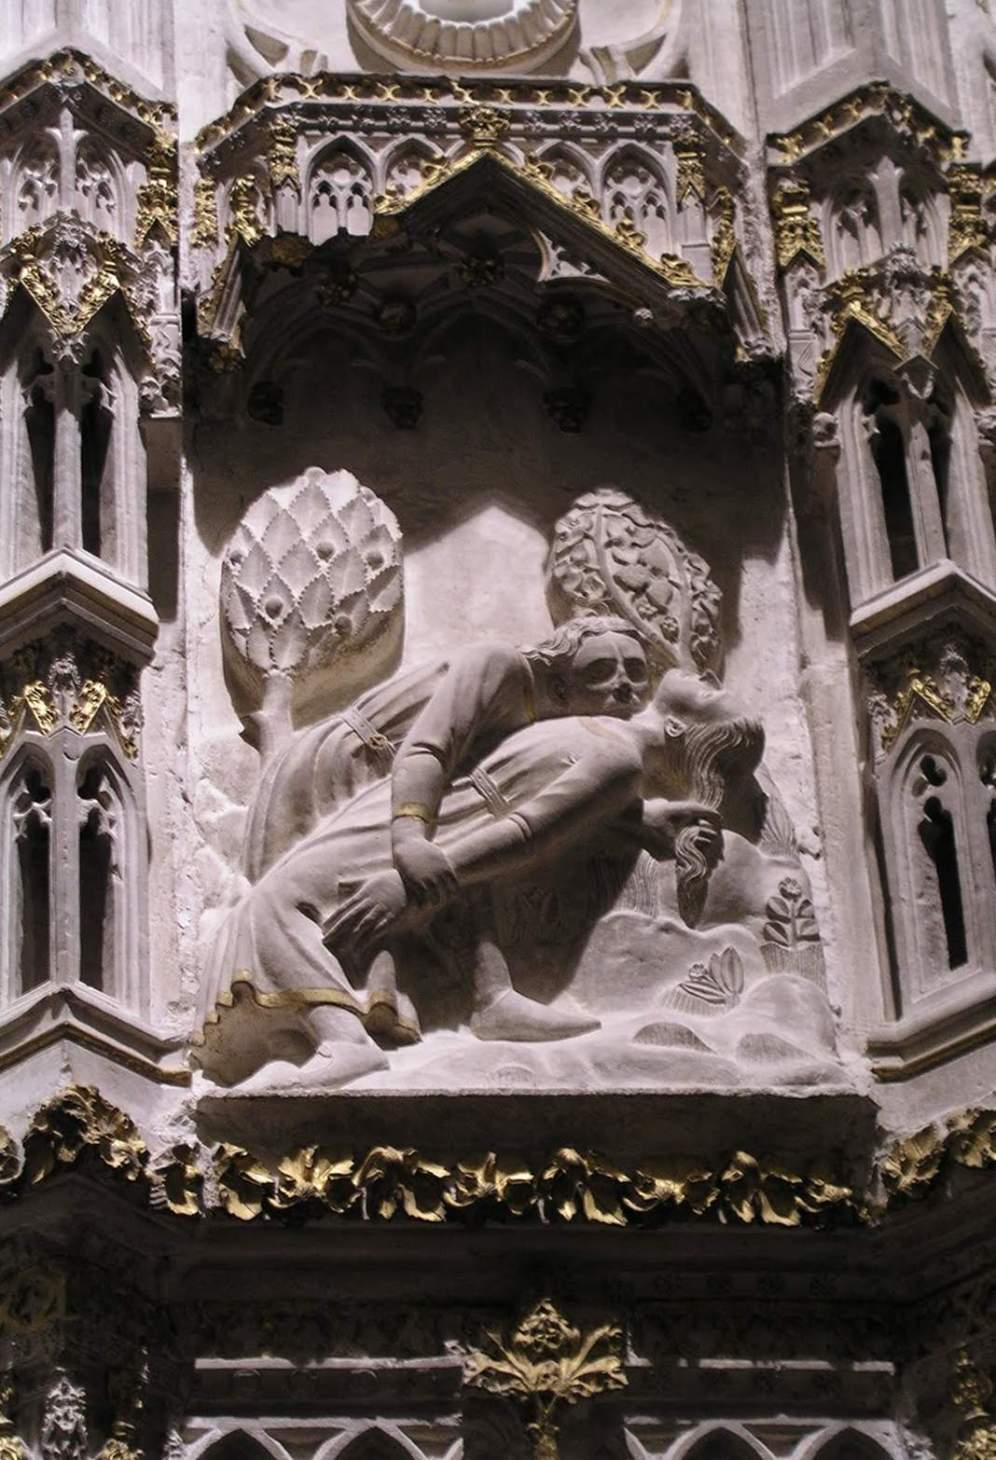 Figura 01. Muerte de Abel por Caín. Cerca exterior del coro de la Catedral de Toledo. Segunda mitad del siglo XIV